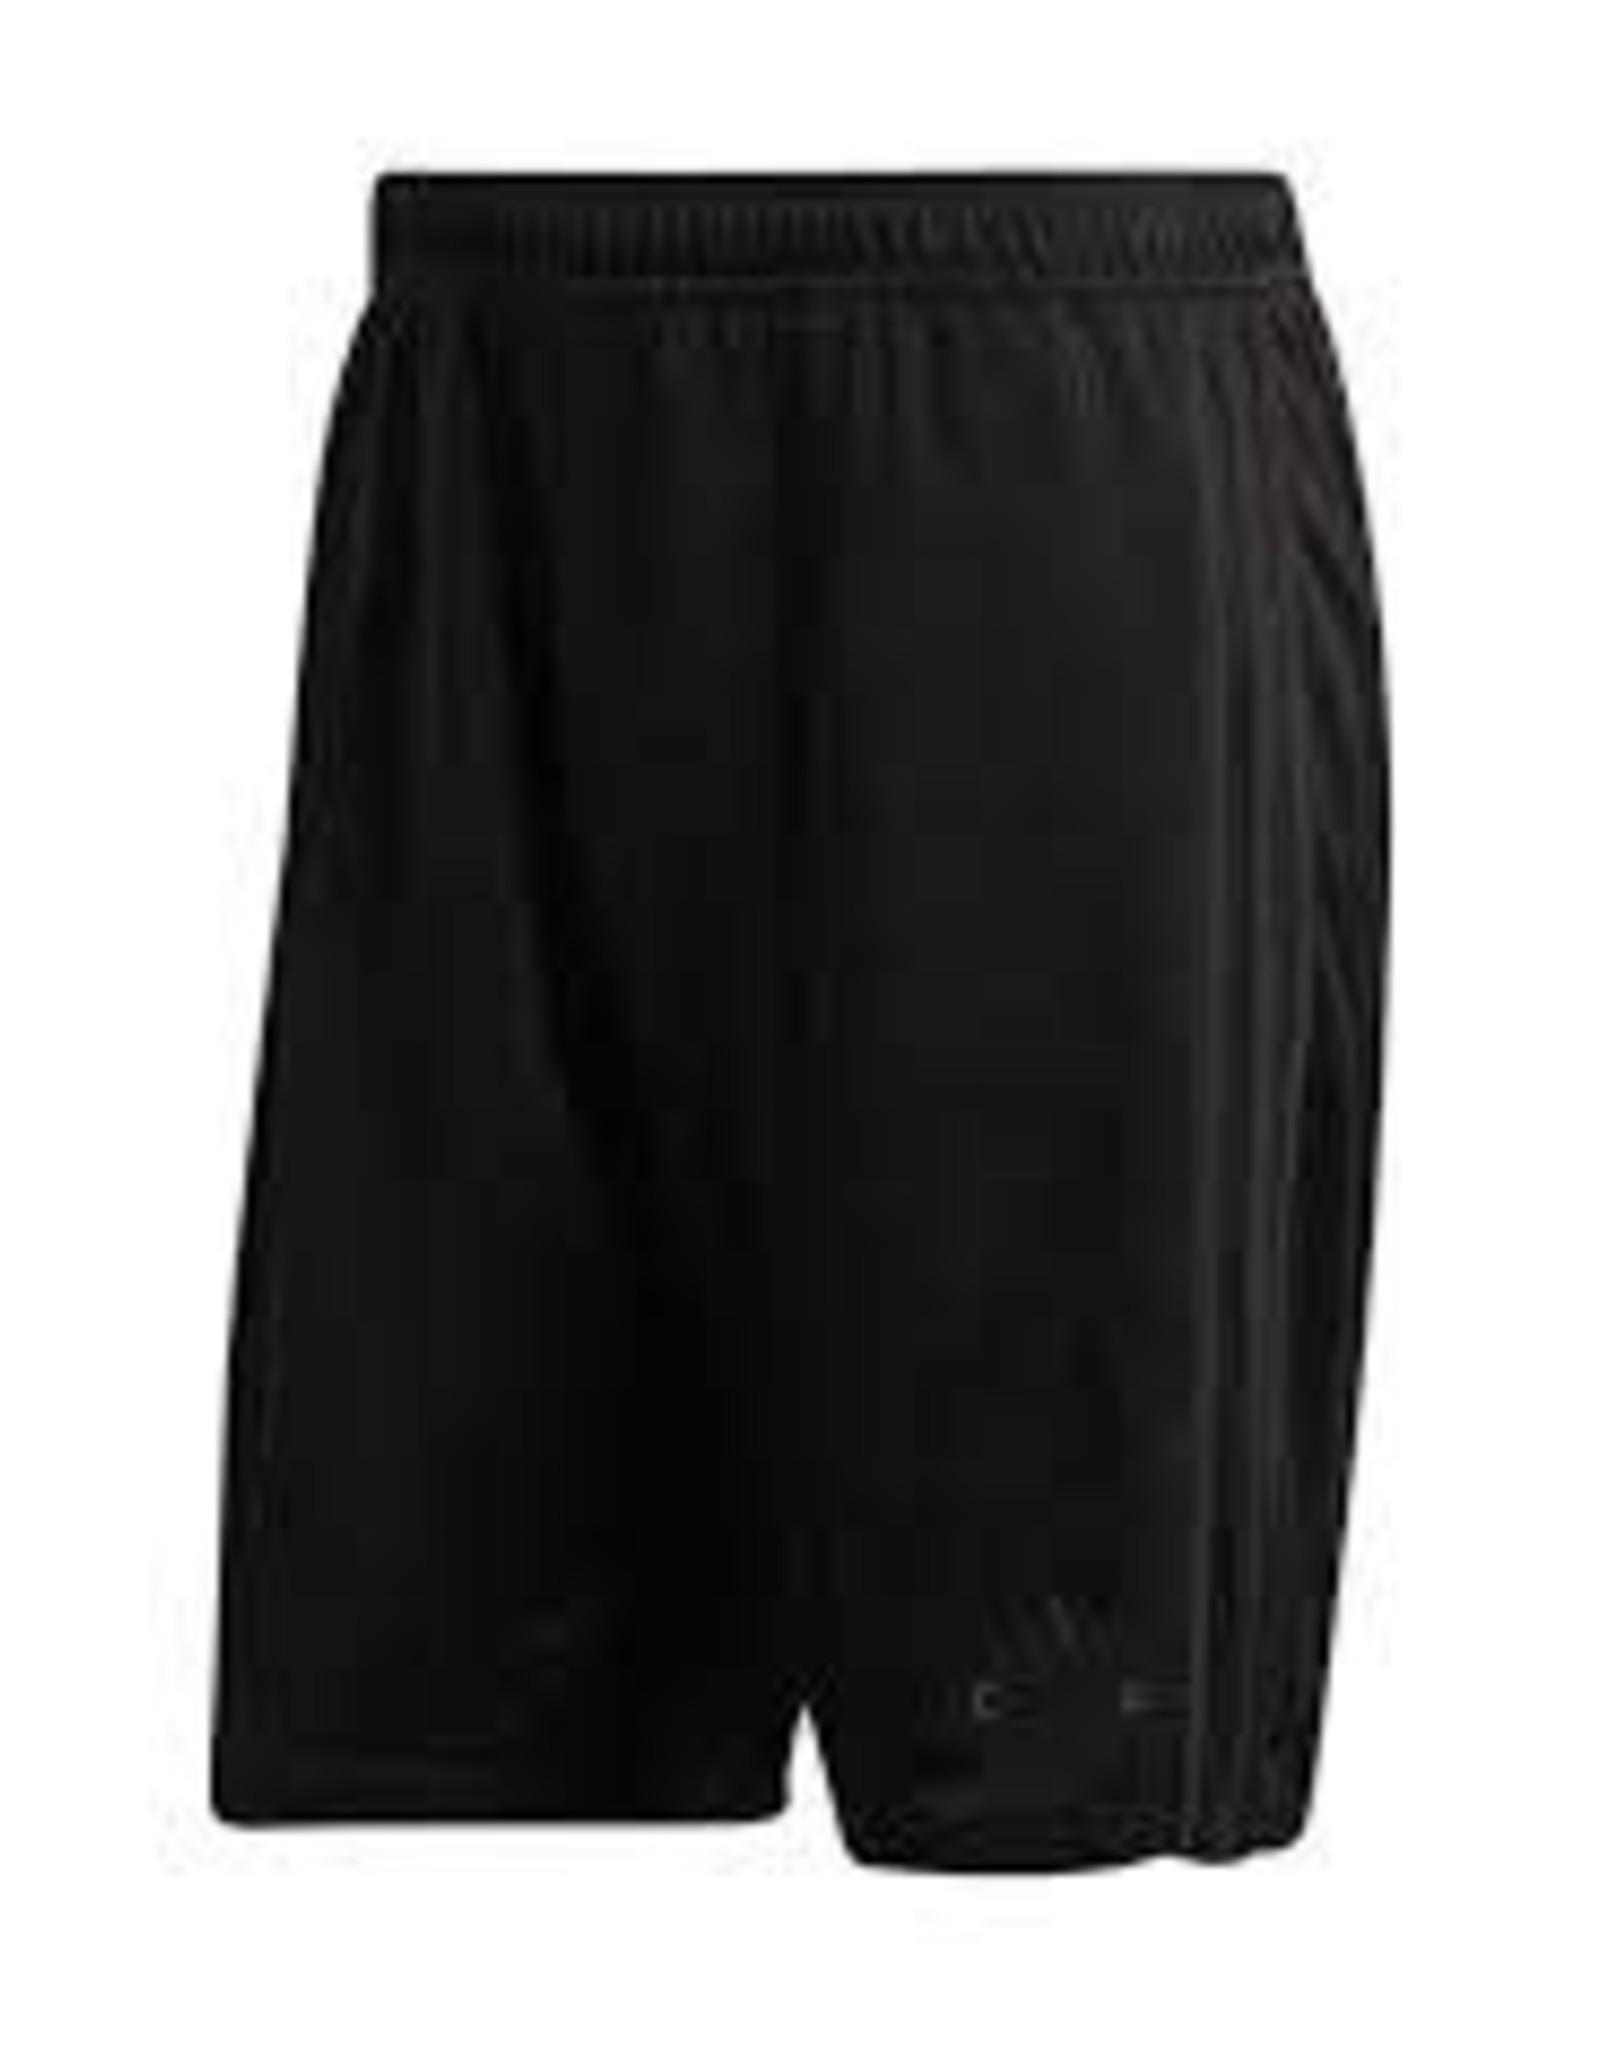 Adidas Adidas short zwart